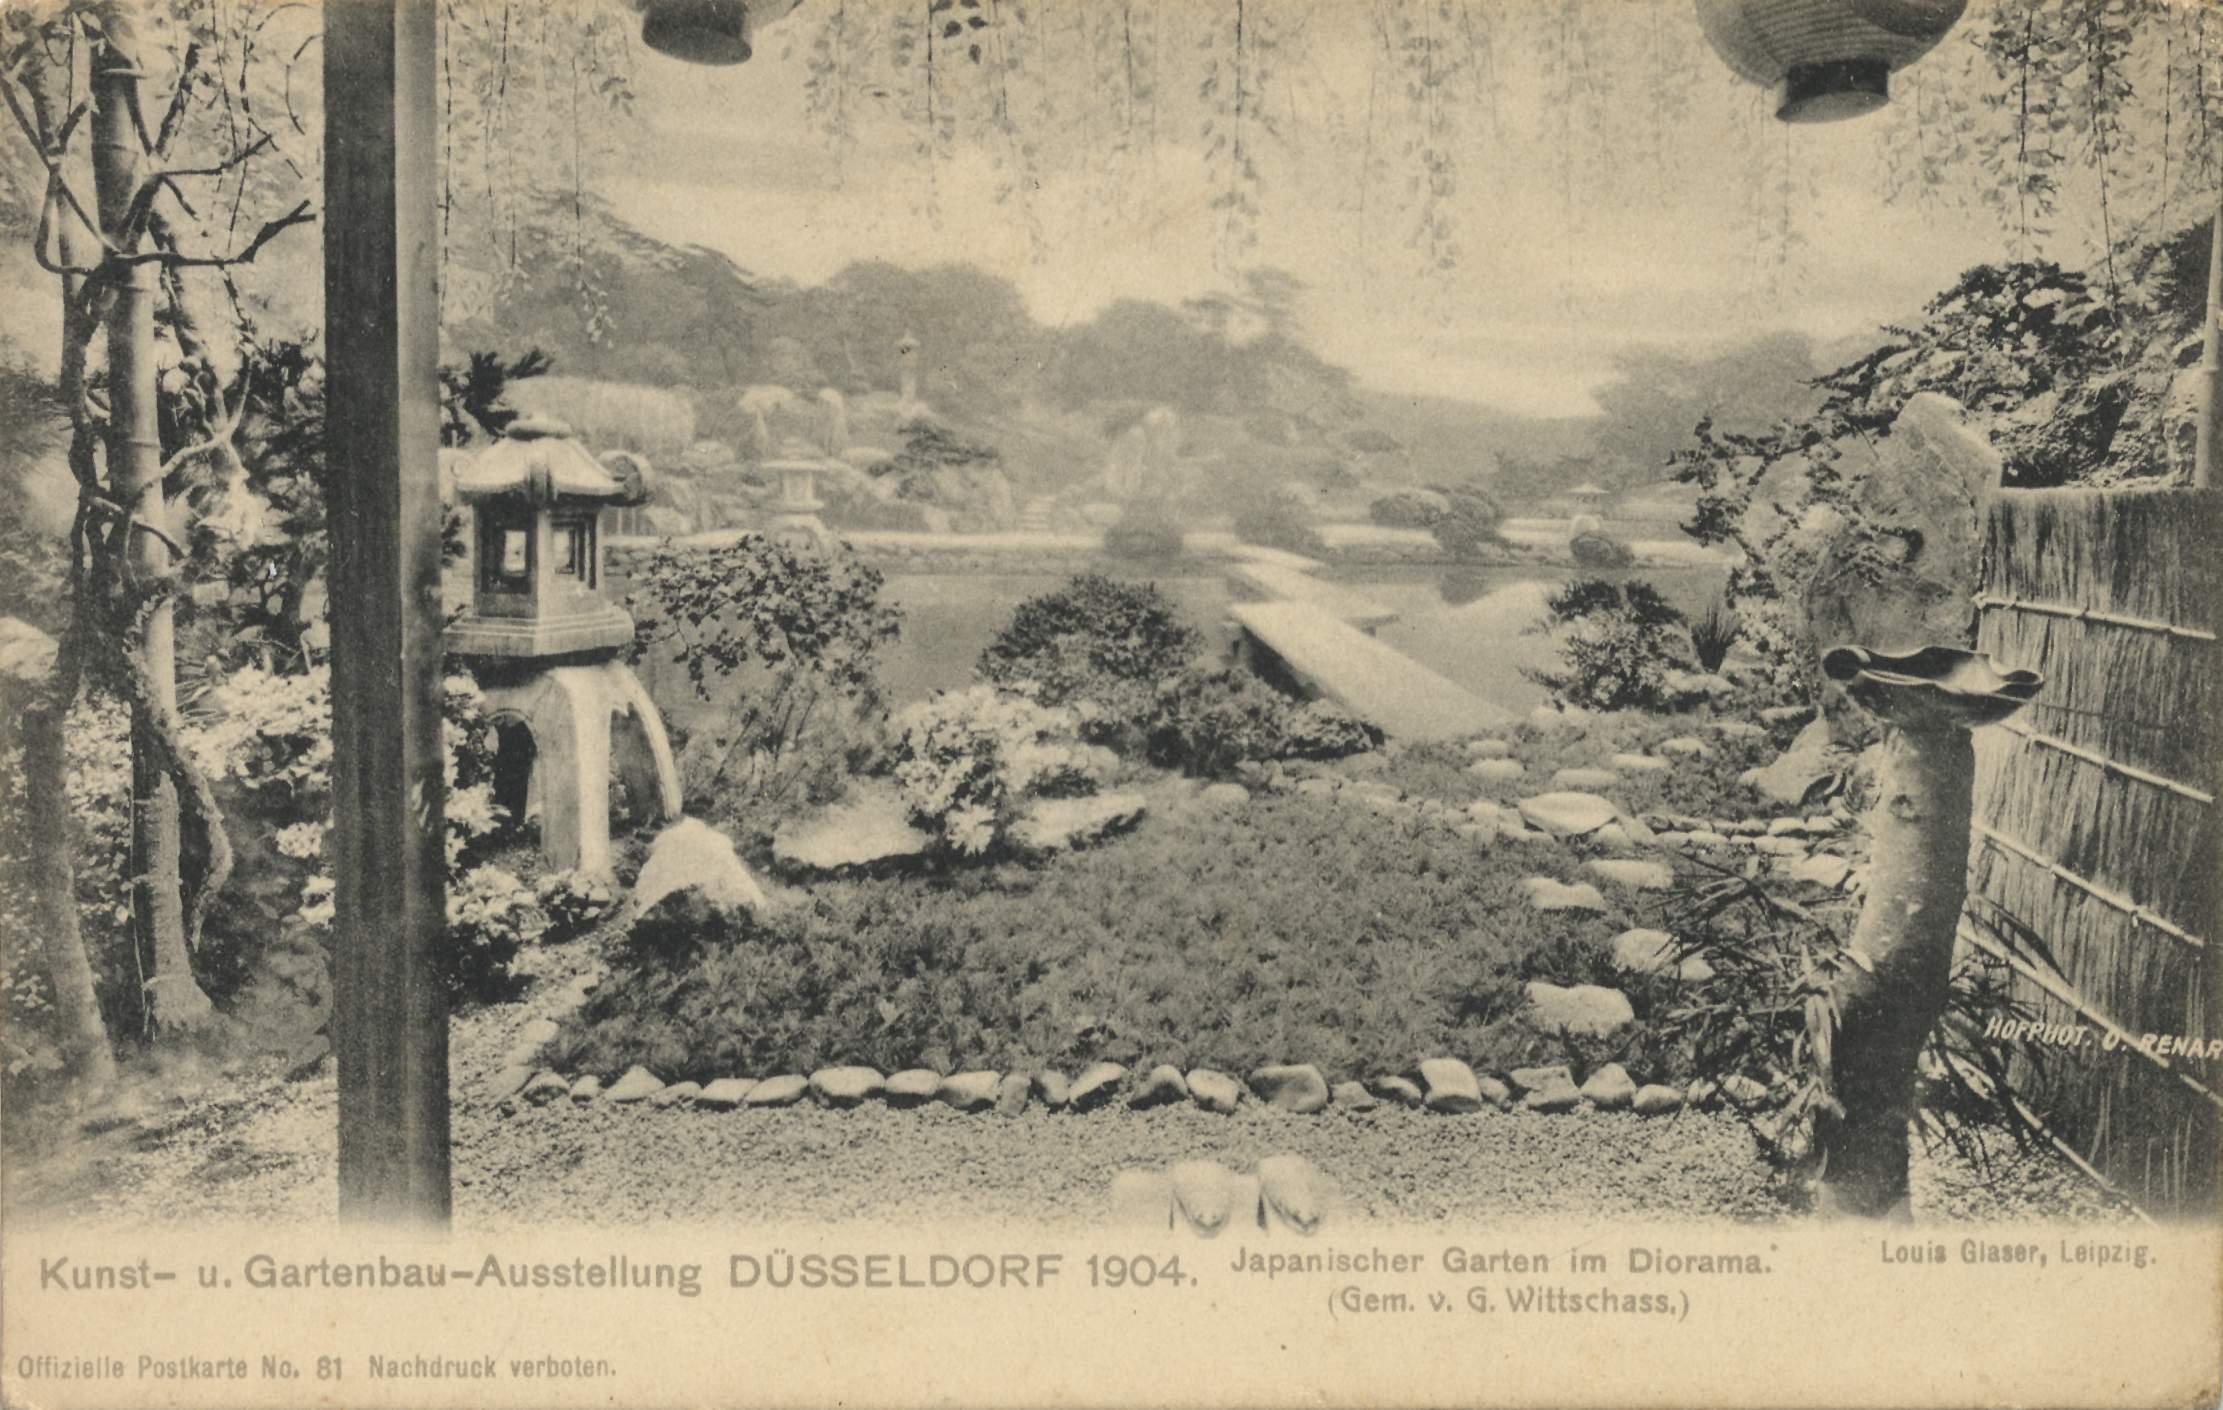 Gartenbau Düsseldorf düsseldorf nordrhein westfalen internationale kunst und gartenbau